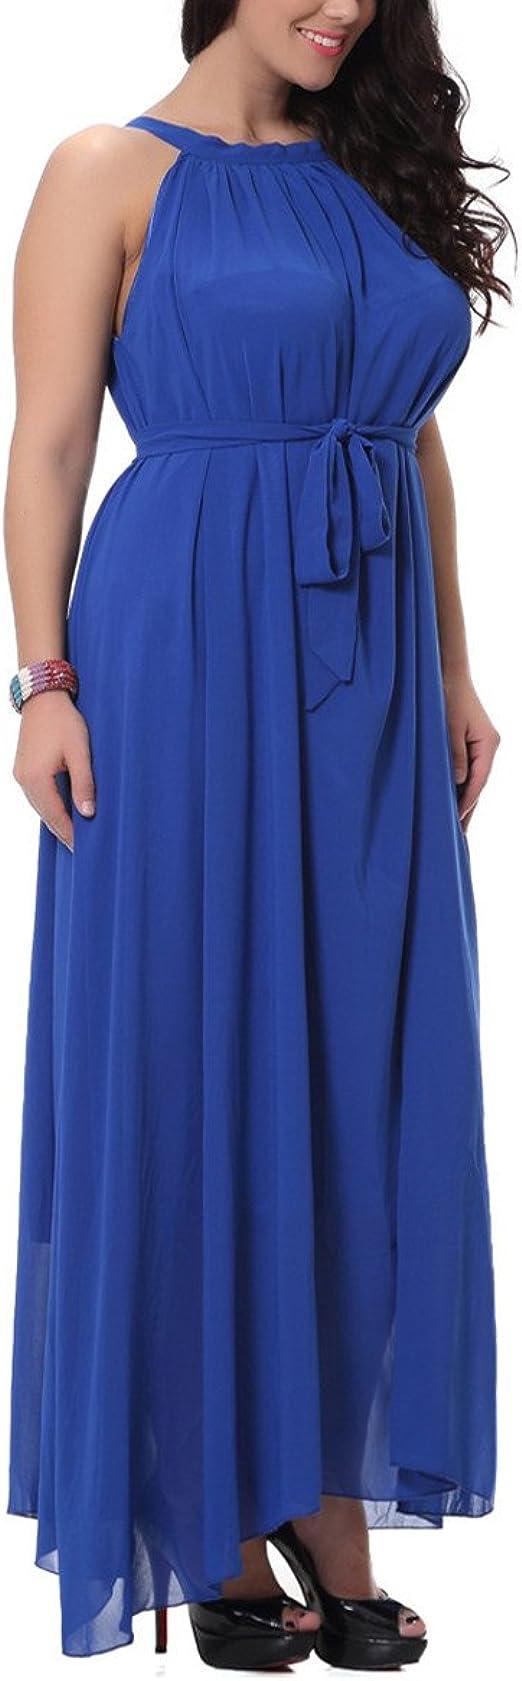 LUCYYA Womens Plus Size Sleeveless Scoop Neck Belted Pleated Chiffon Swing Dress,Blue-XXXXXXL